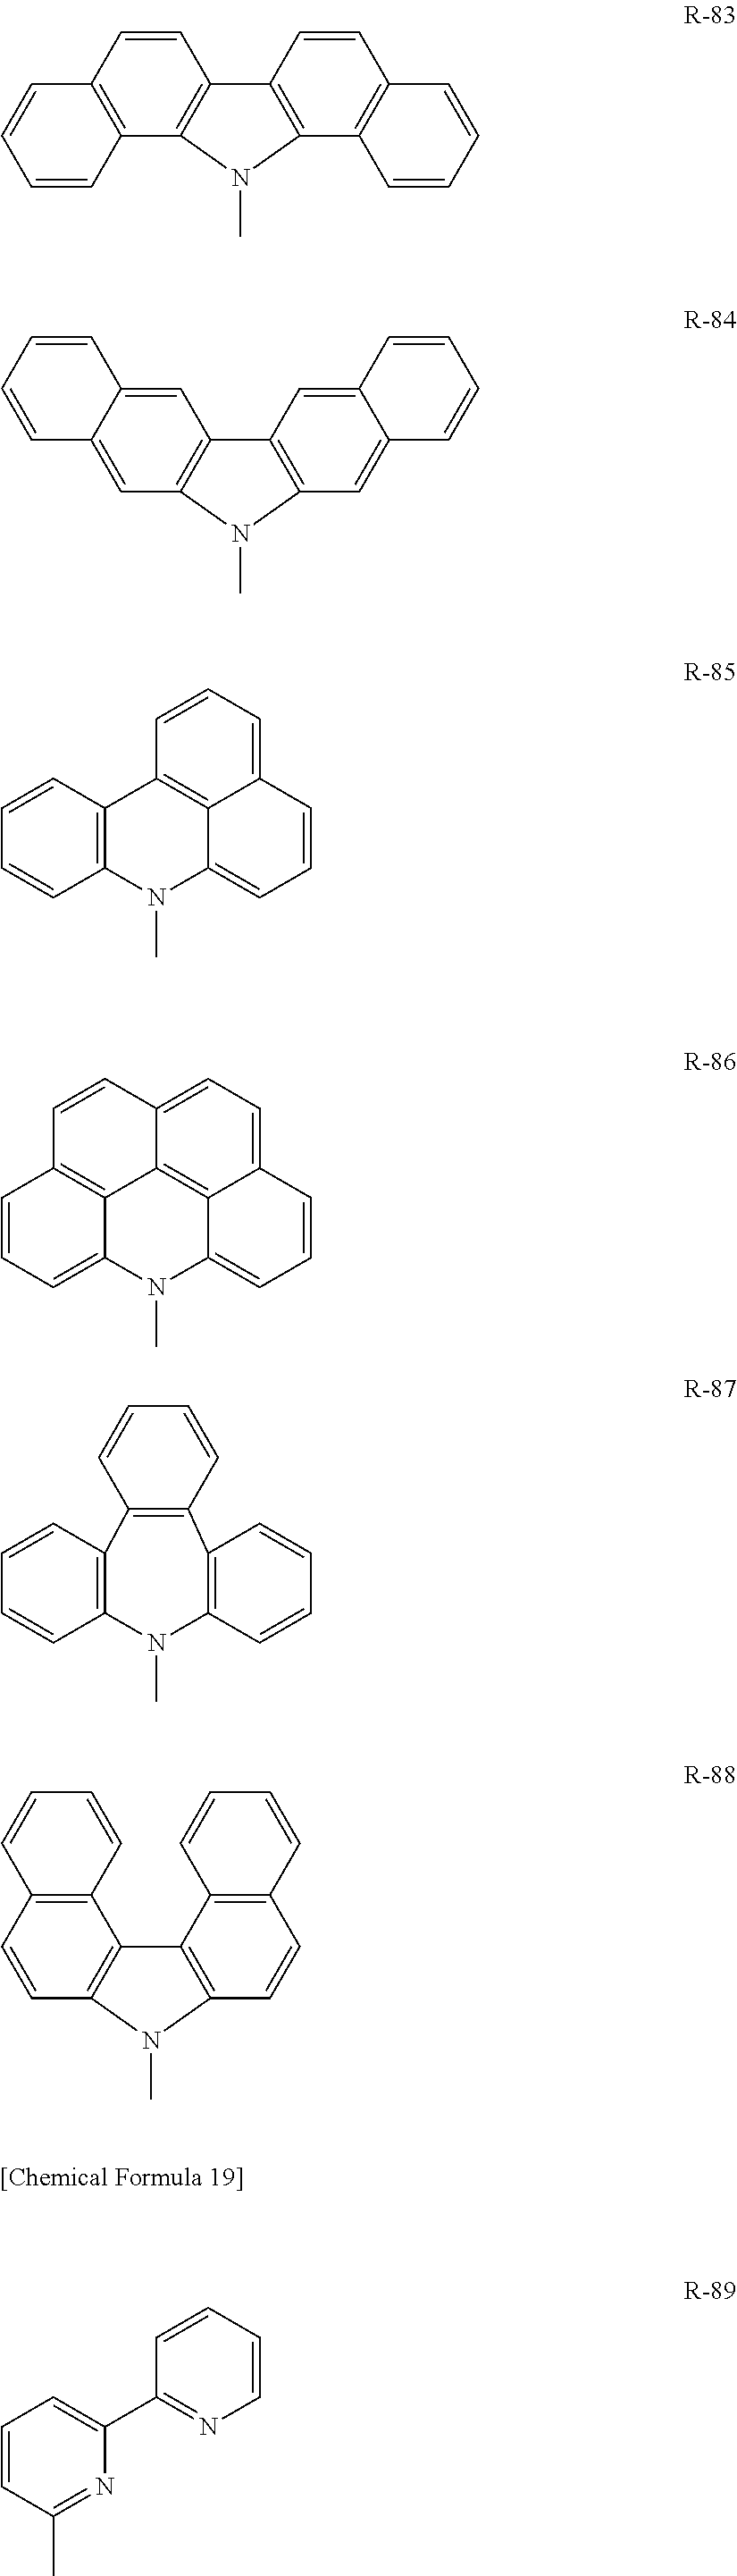 Figure US20110215312A1-20110908-C00029